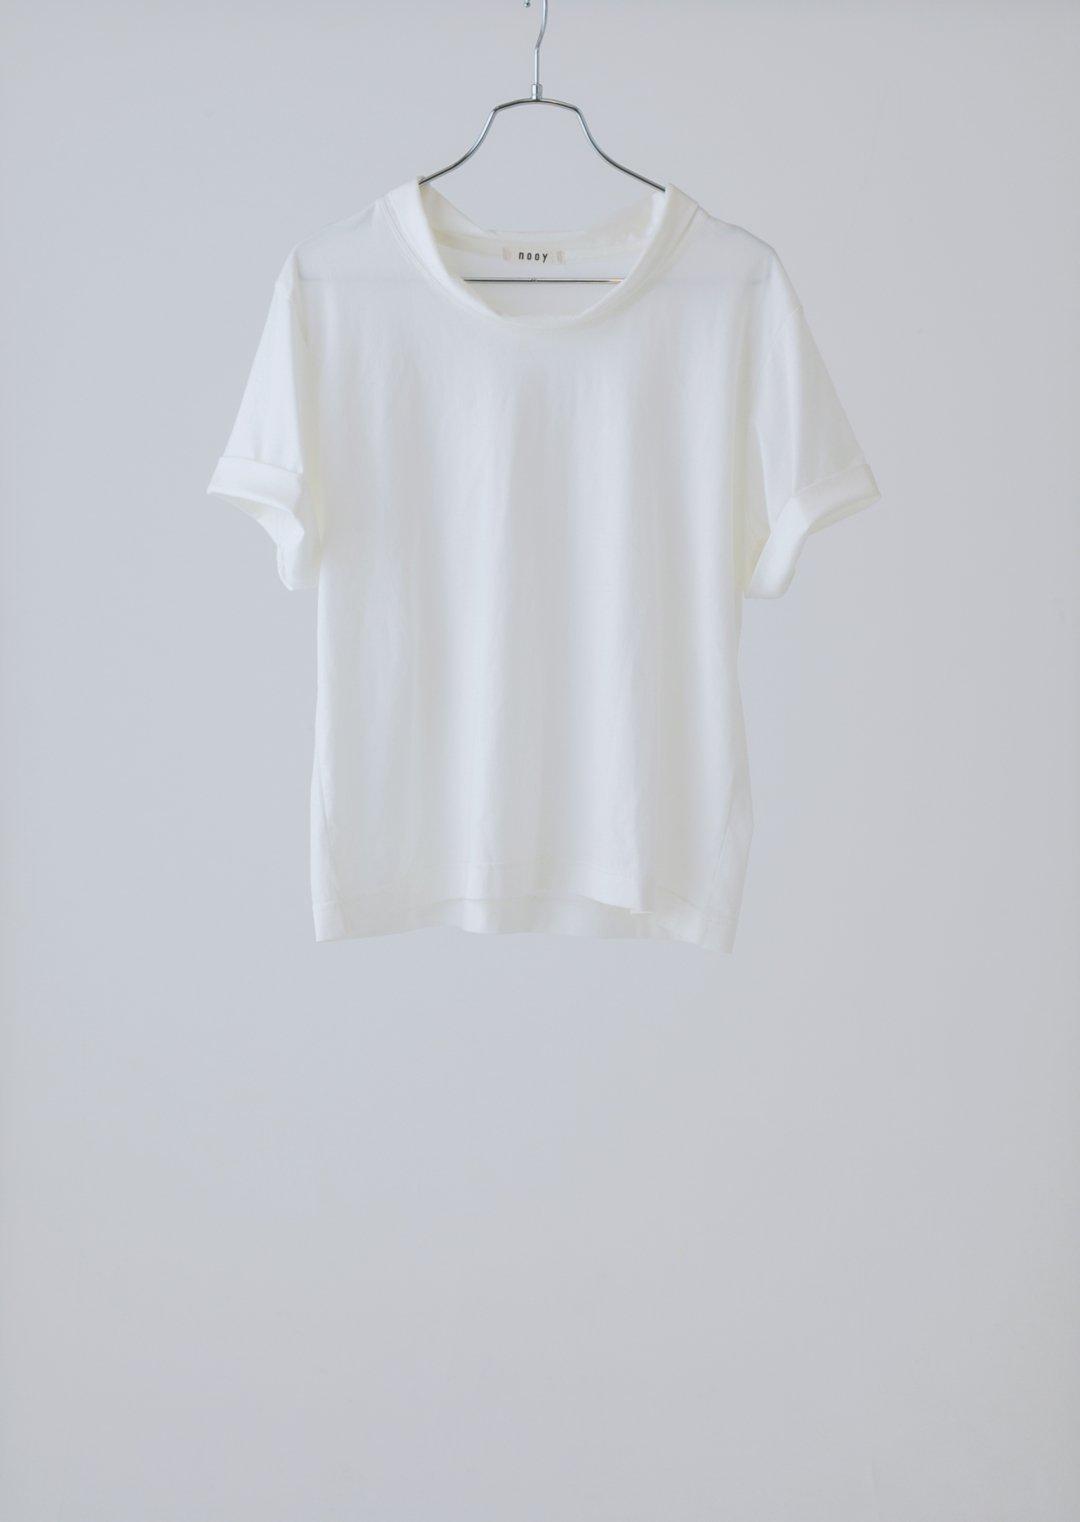 サックTシャツ